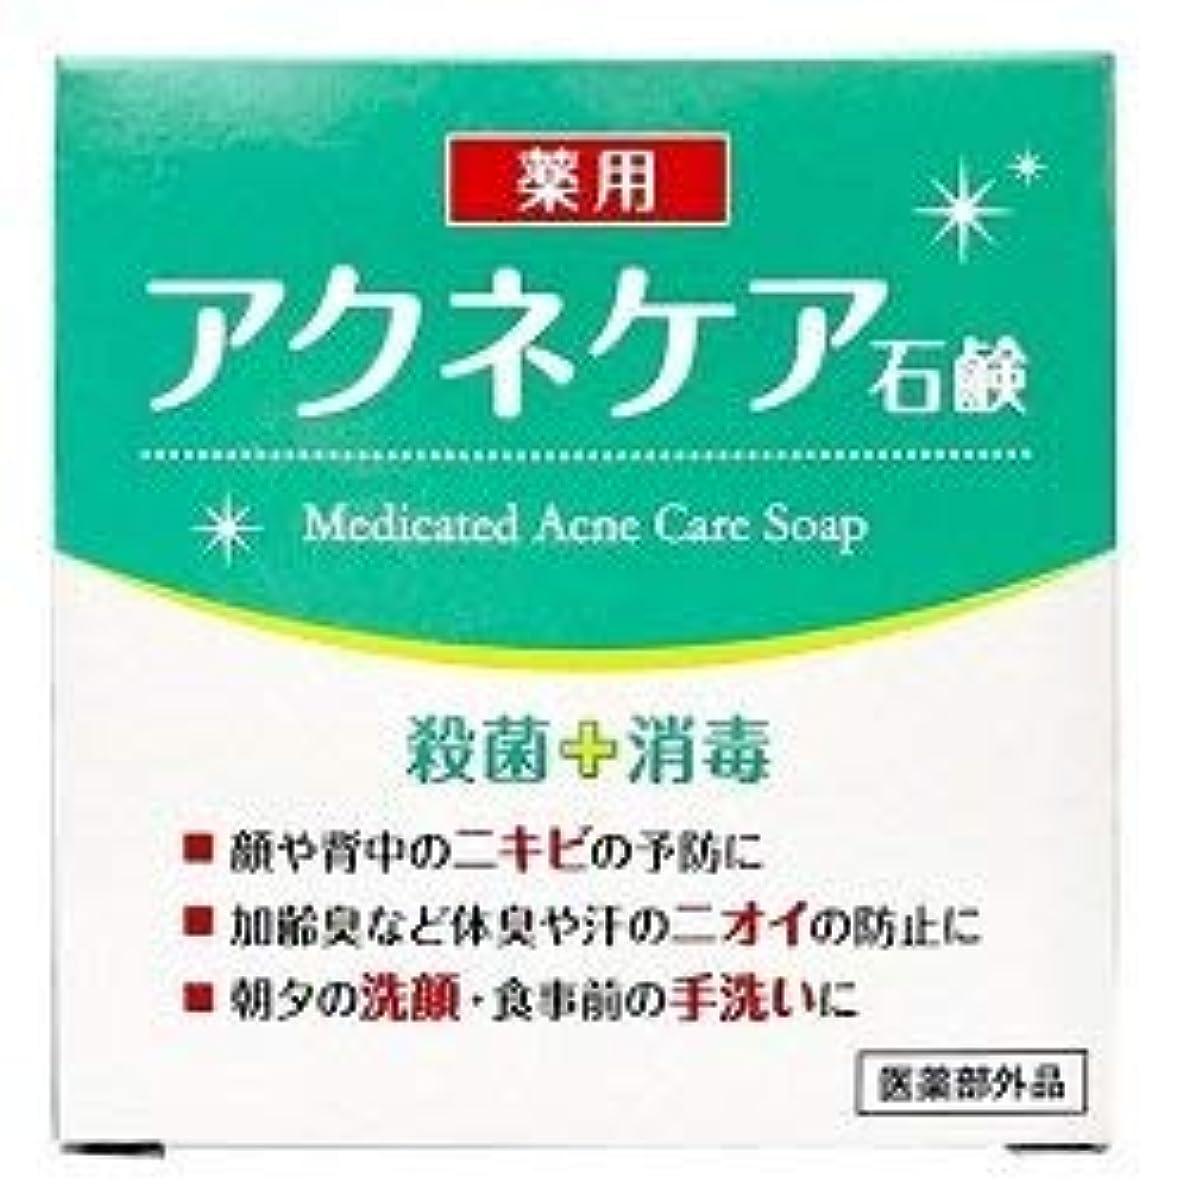 ペグフォアタイプ会社薬用 アクネケア 石けん 80g (医薬部外品)